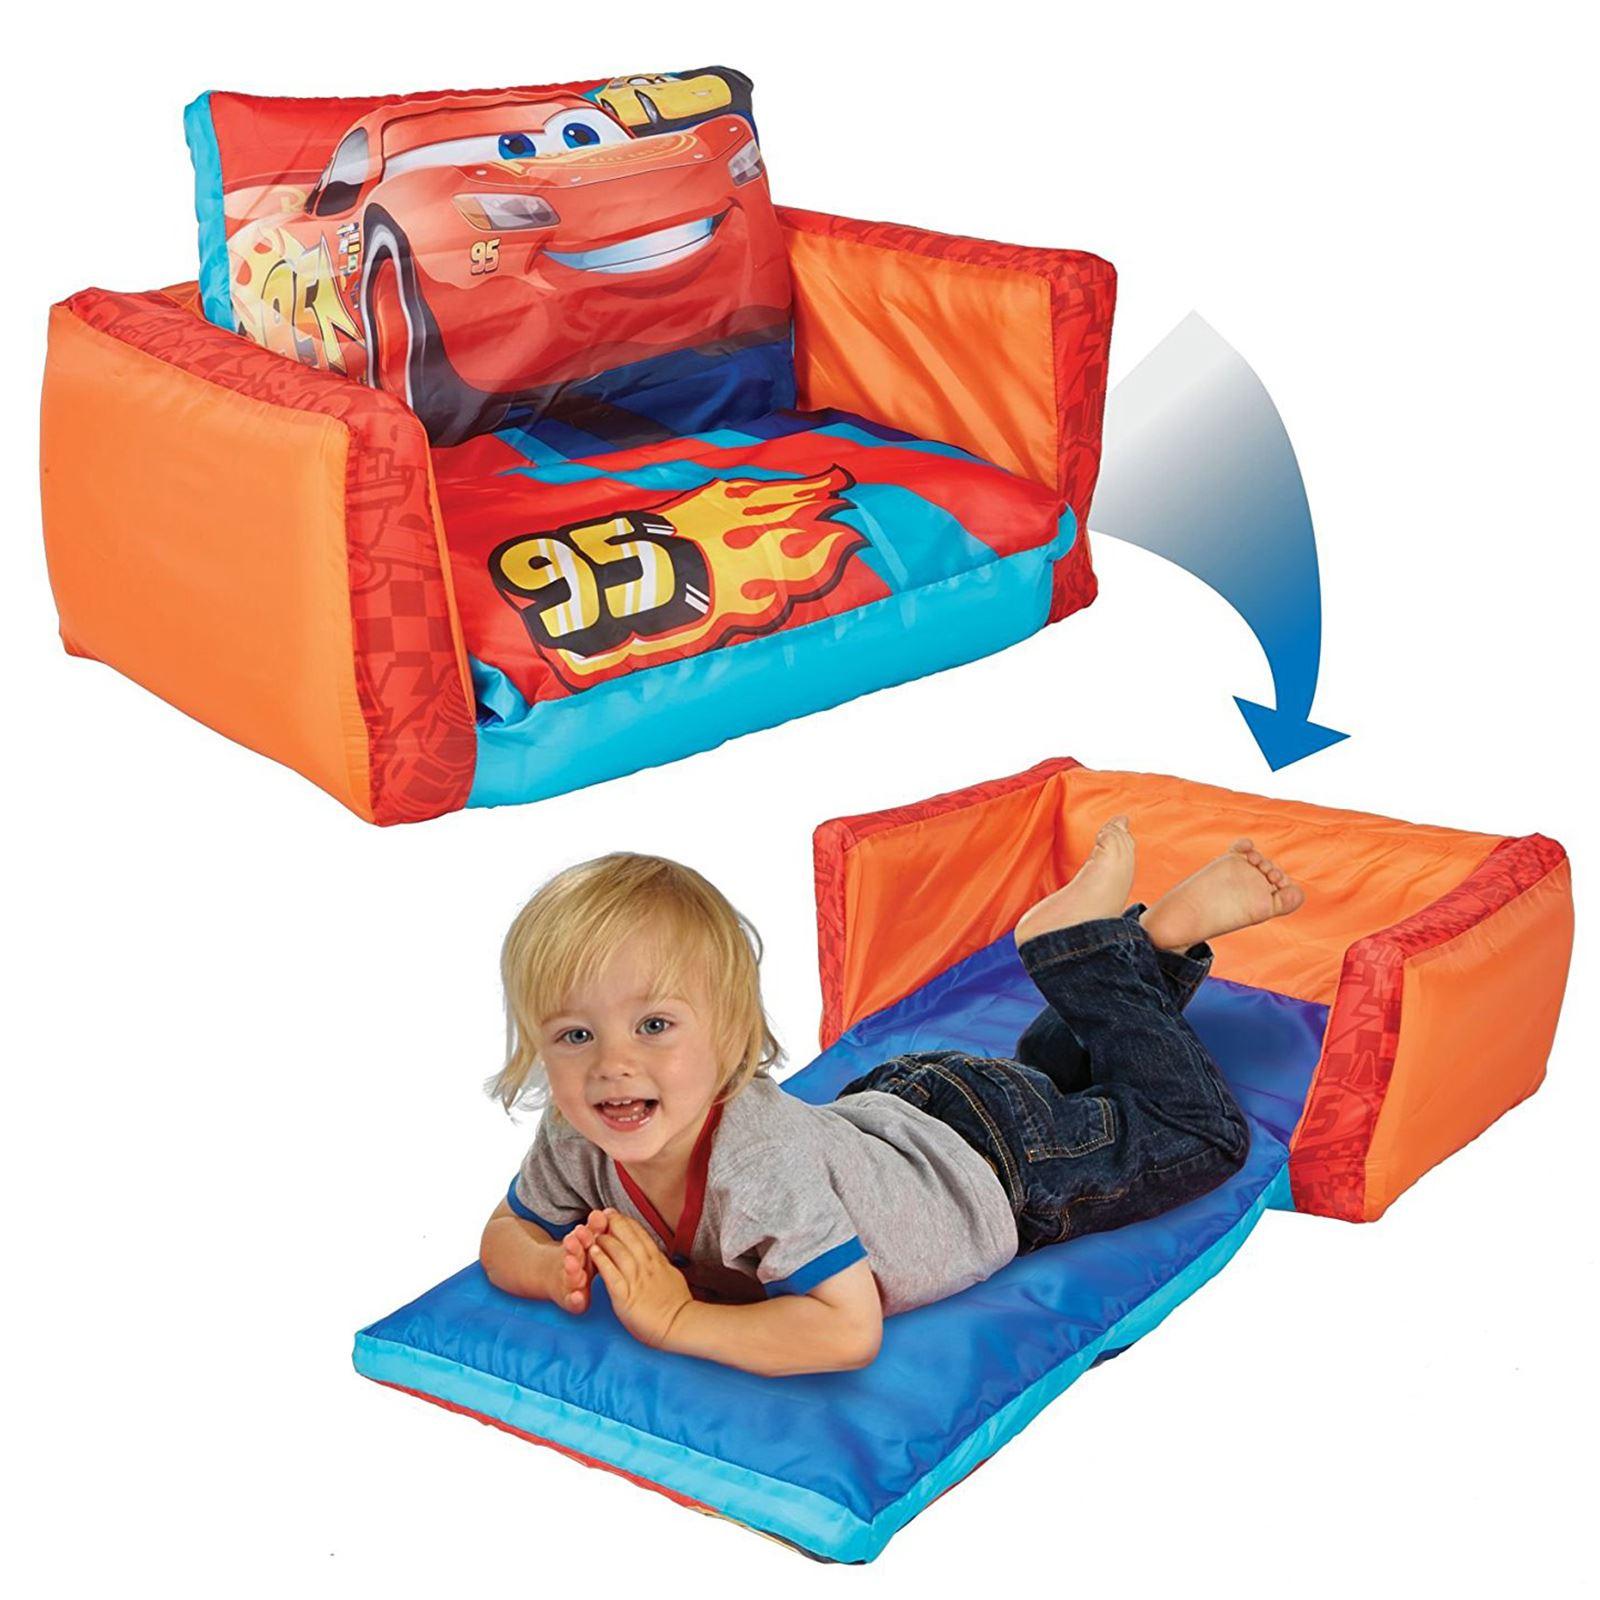 Canape-Lit-Gamme-Gonflable-Chambre-D-039-Enfants-Neuf-les-Minions